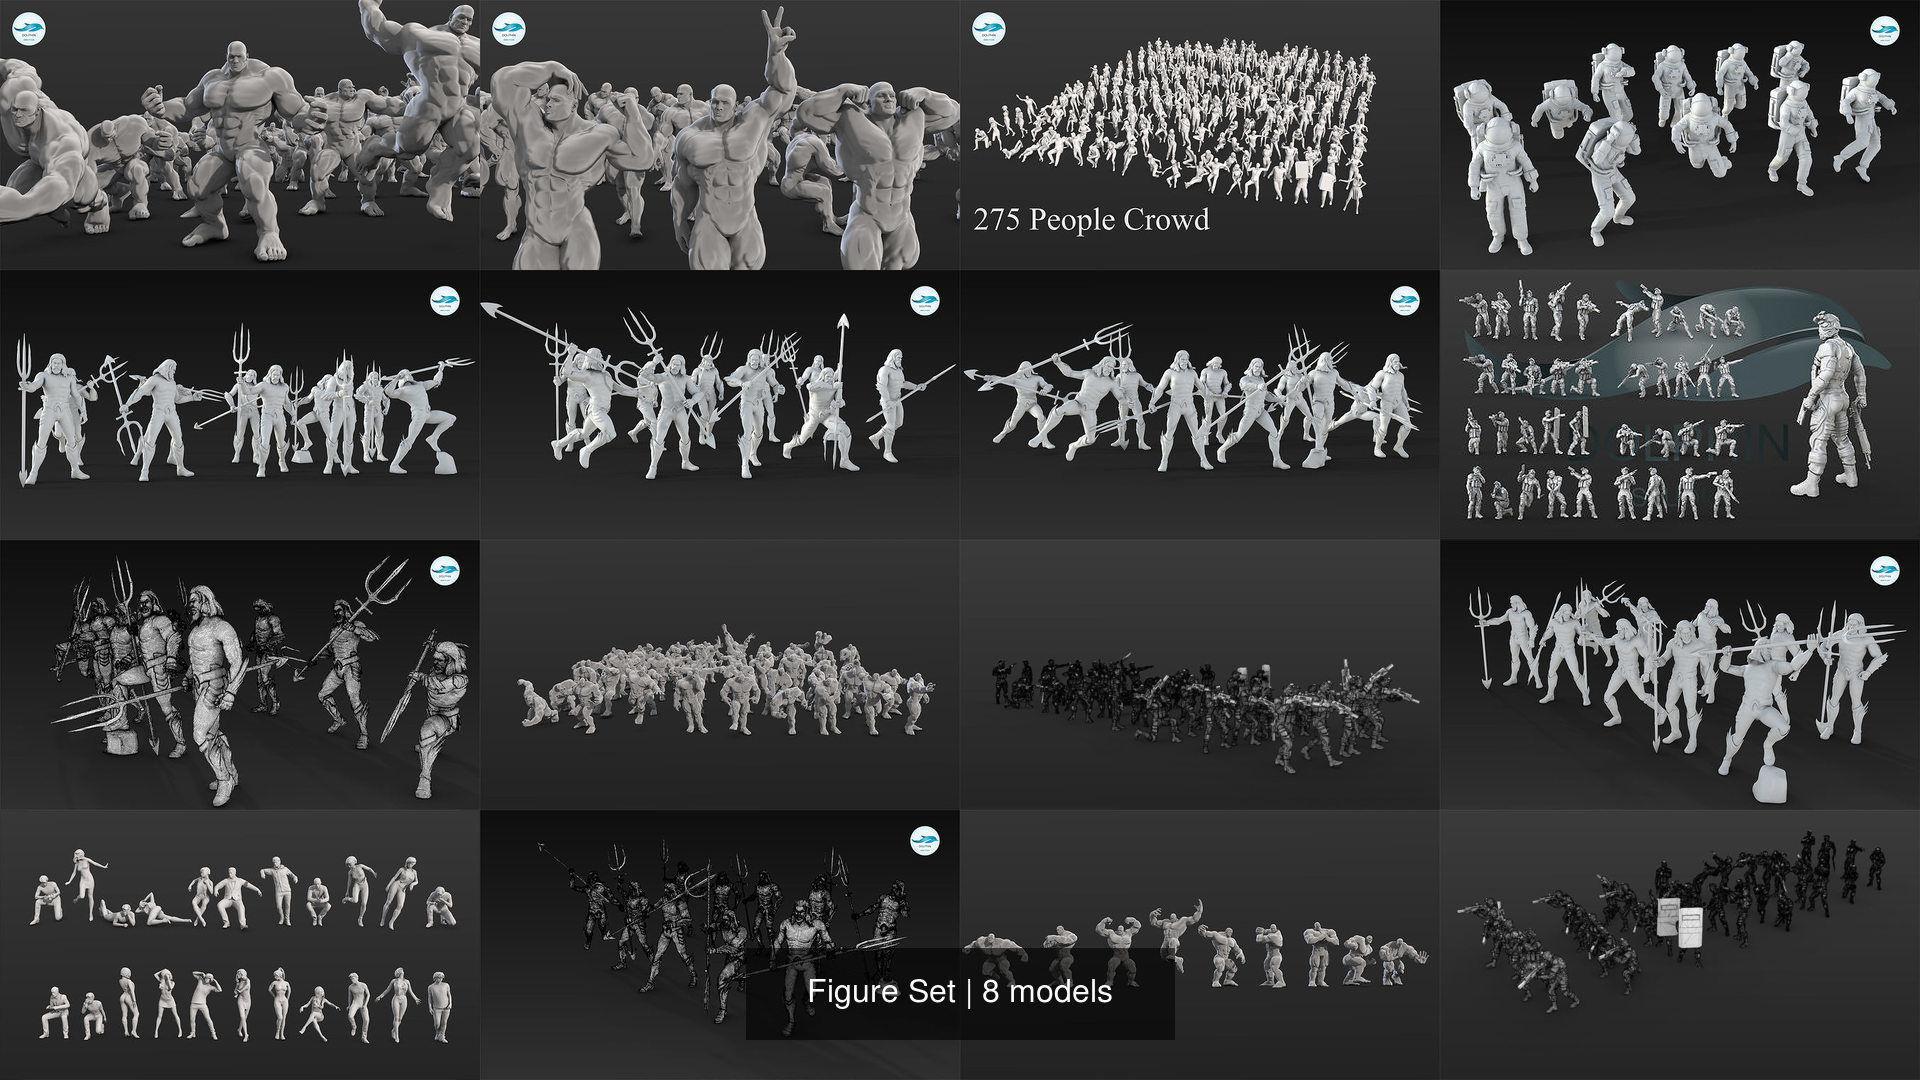 Figure Set